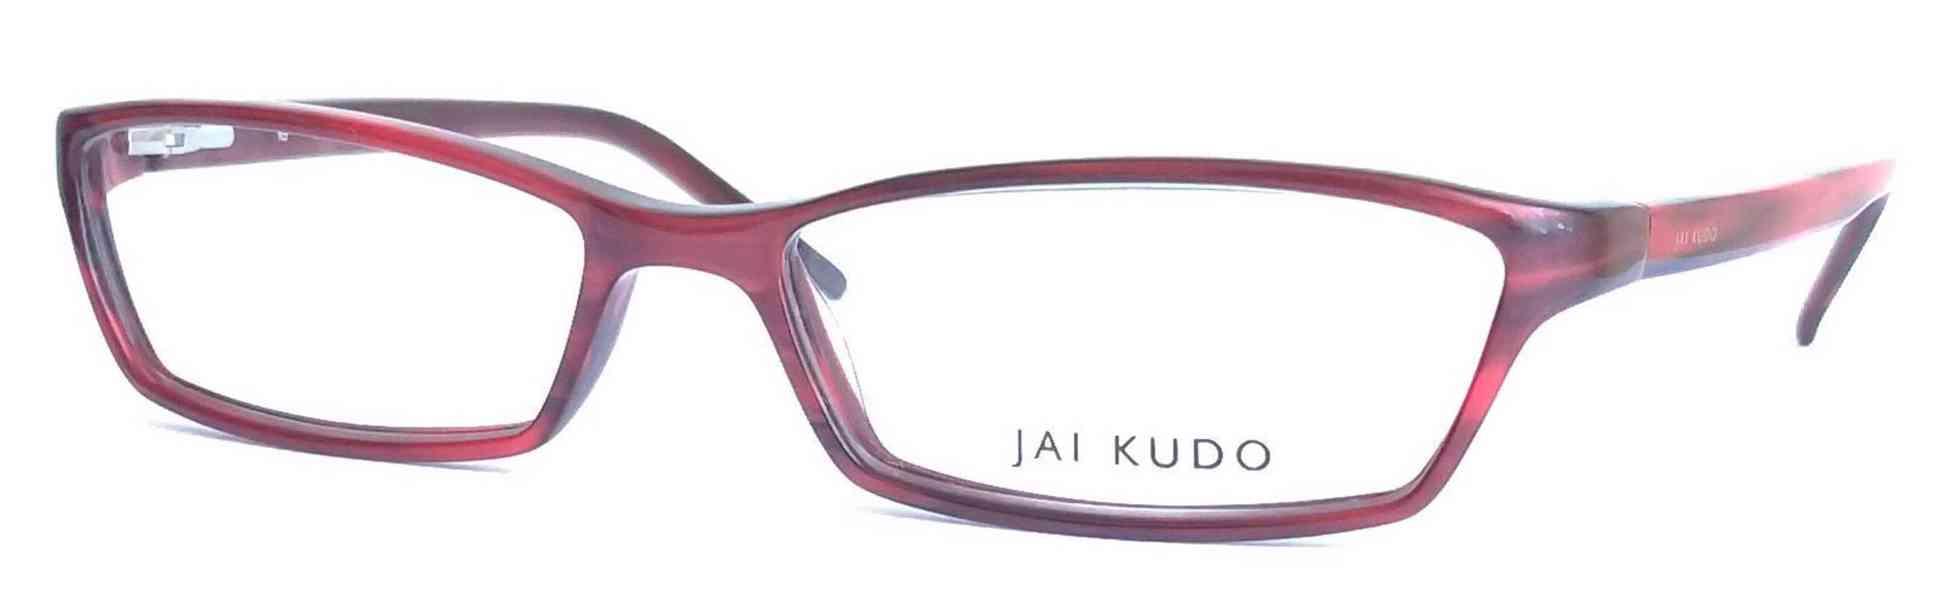 JAI KUDO 1720 P11 dámské brýlové obruby 53-15-135 MOC:2600Kč